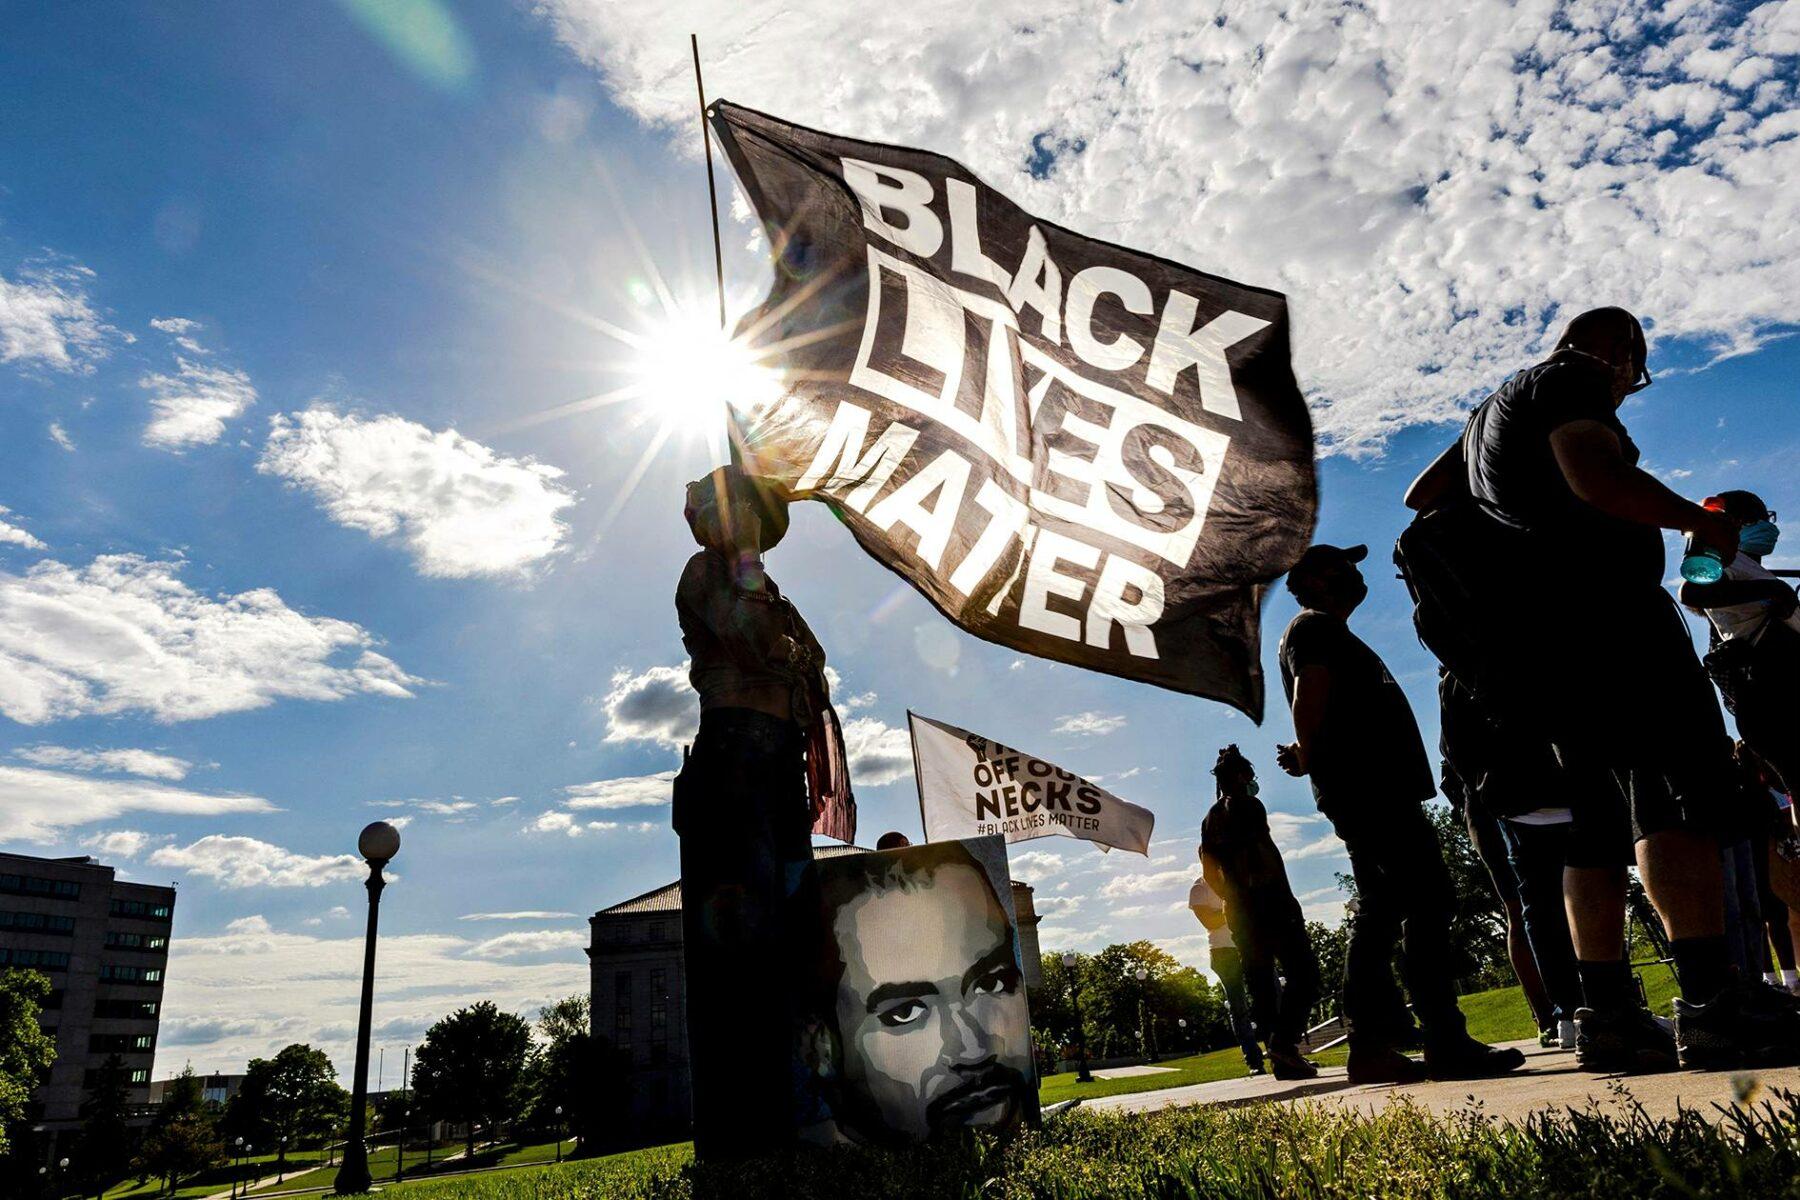 Black Lives Matter -mielenosoitus Minnesotassa 24. toukokuuta 2021.